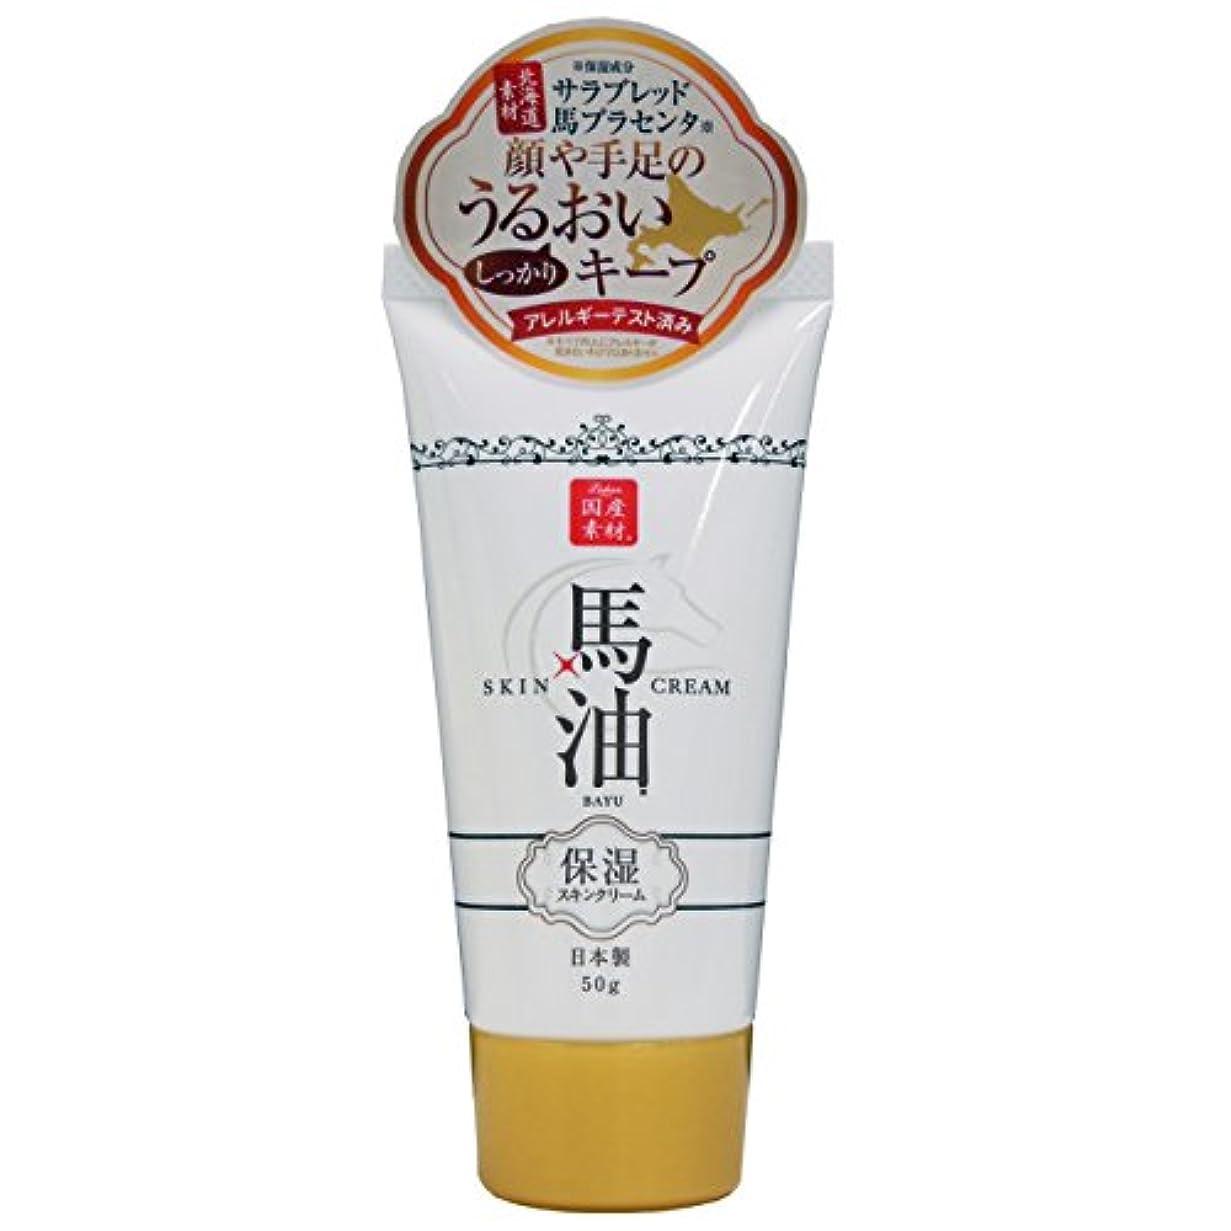 フロー征服する豊富にリシャン 馬油スキンクリーム ミニ (さくらの香り) 50g